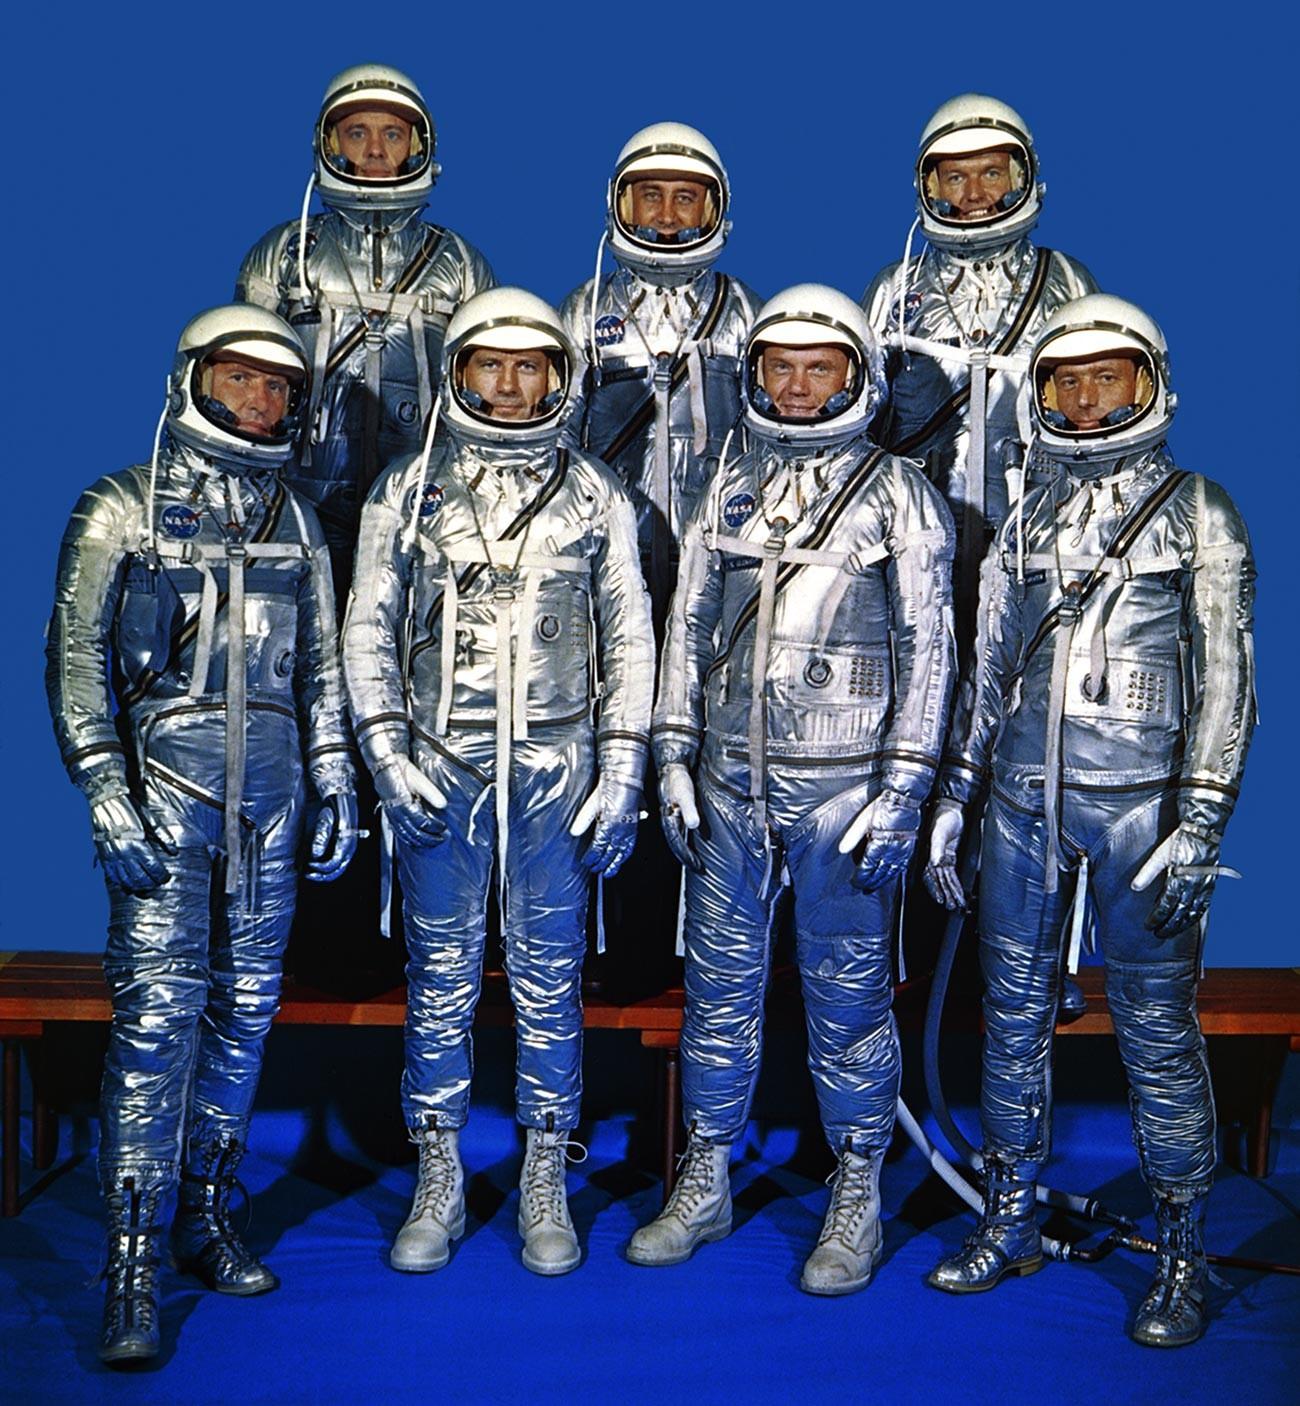 Les sept premiers astronautes du monde, sélectionnés par la NASA